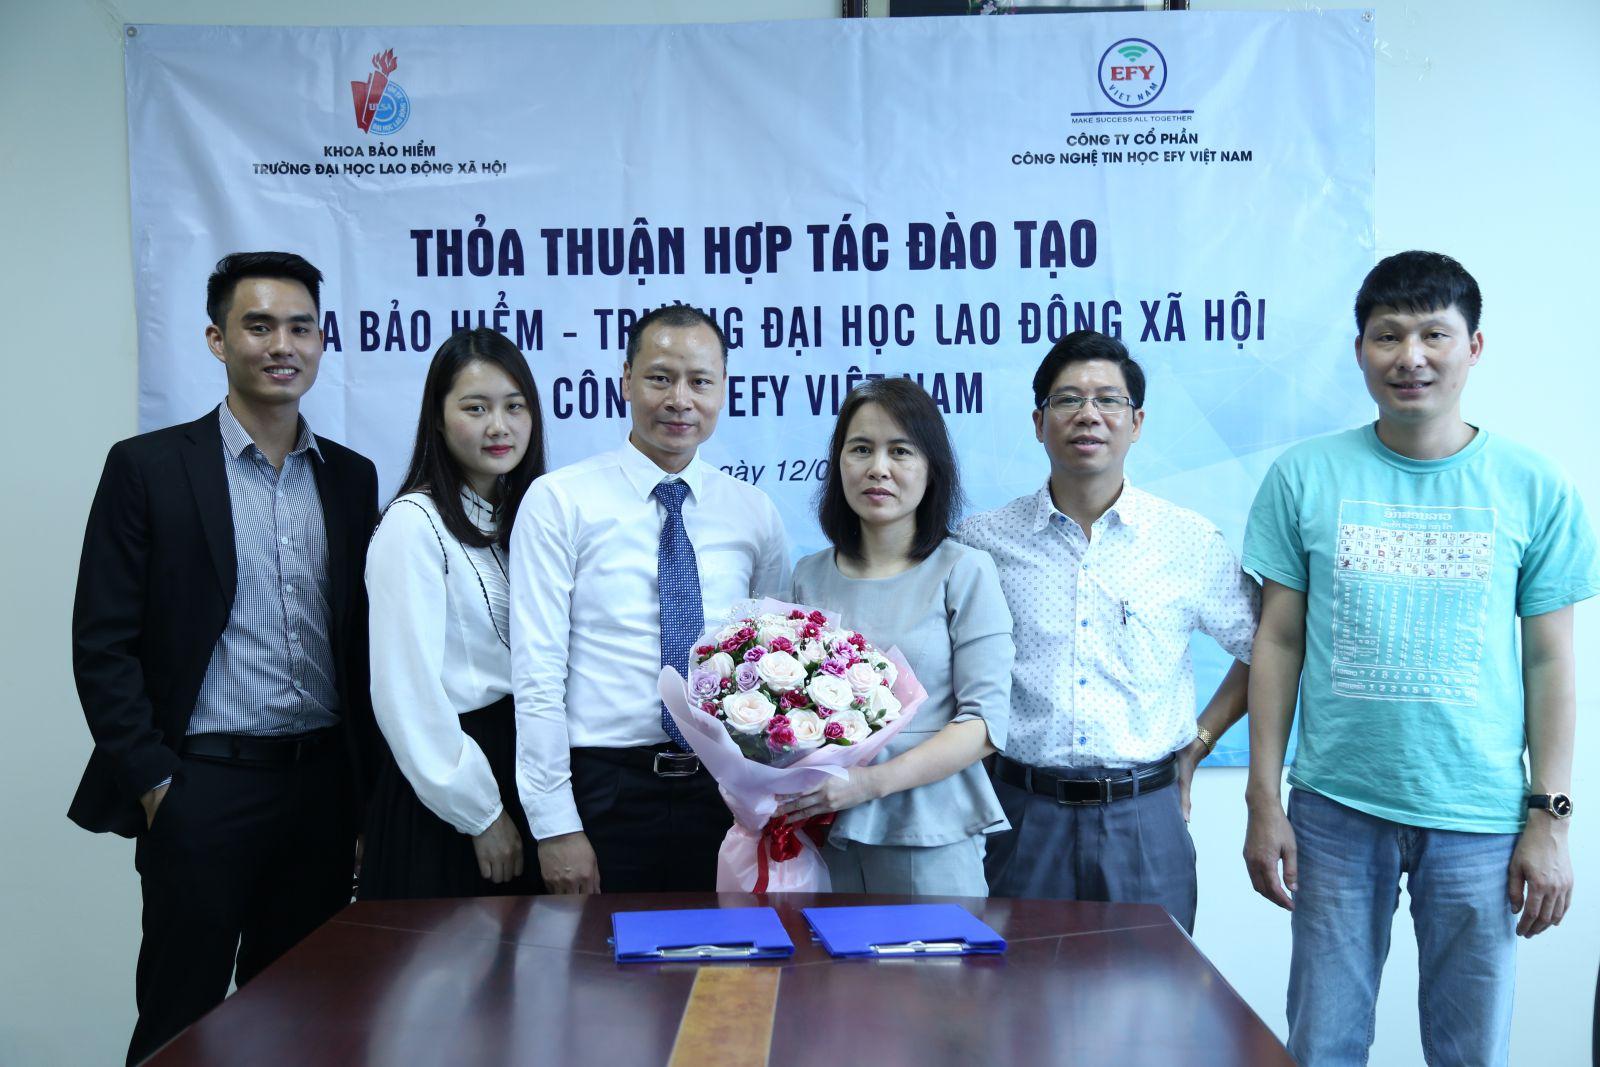 EFY Việt Nam ký kết hợp tác đào tạo với Khoa bảo hiểm – Trường đại học Lao động xã hội